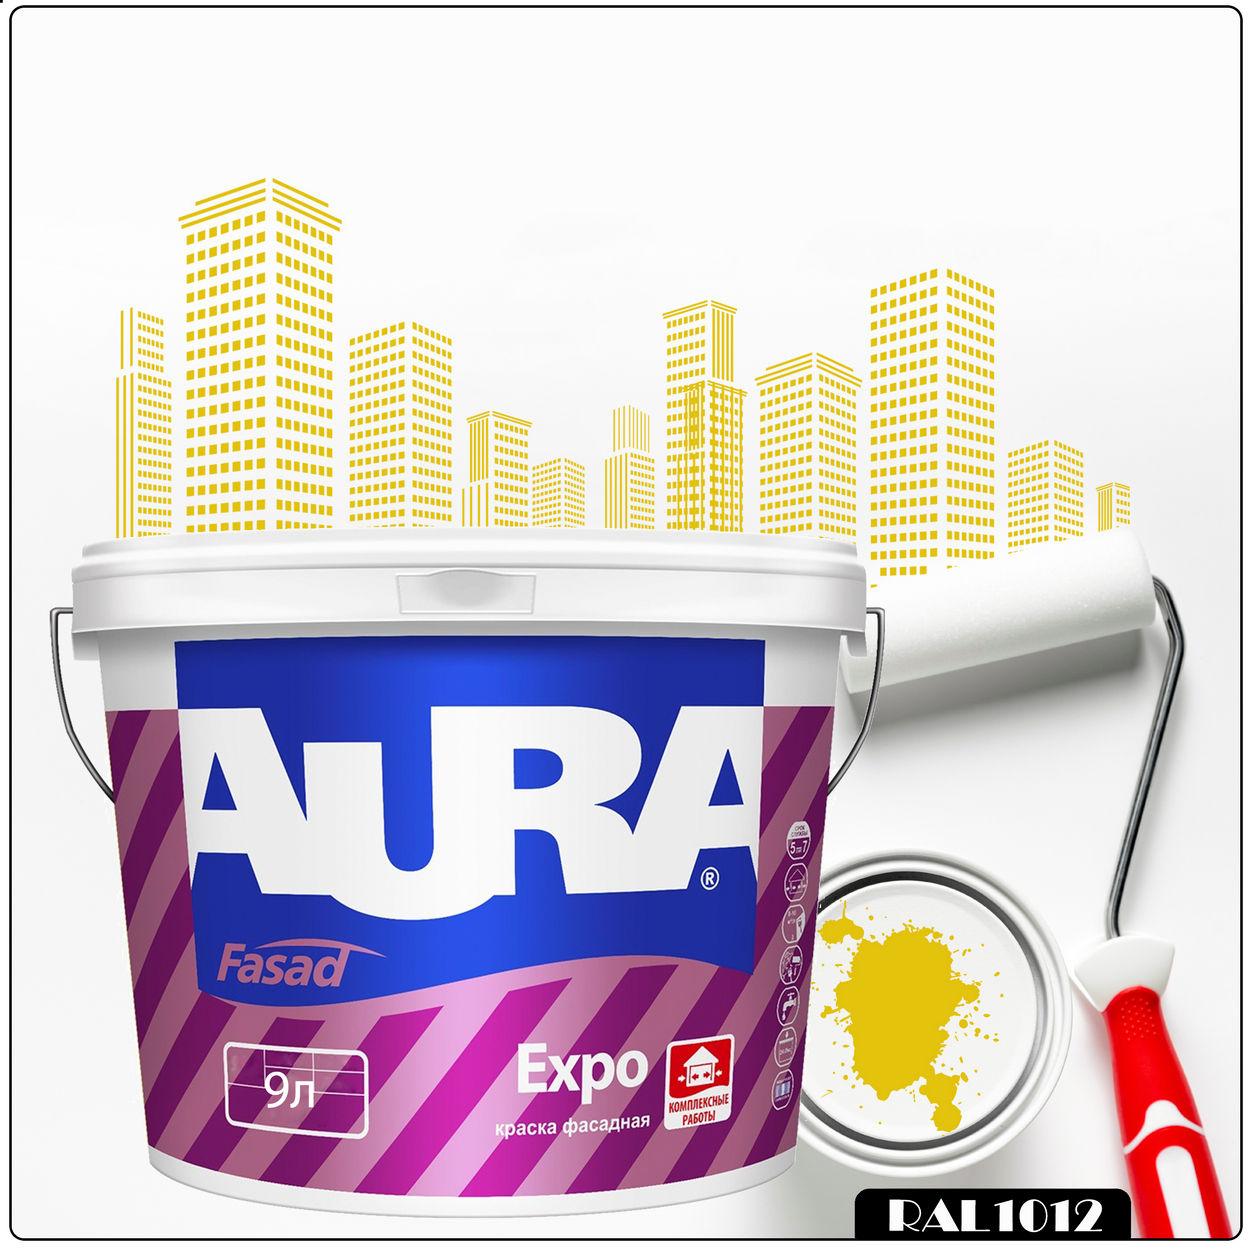 Фото 10 - Краска Aura Fasad Expo, RAL 1012 Лимонно-жёлтый, матовая, для фасадов и помещений с повышенной влажностью, 9л.